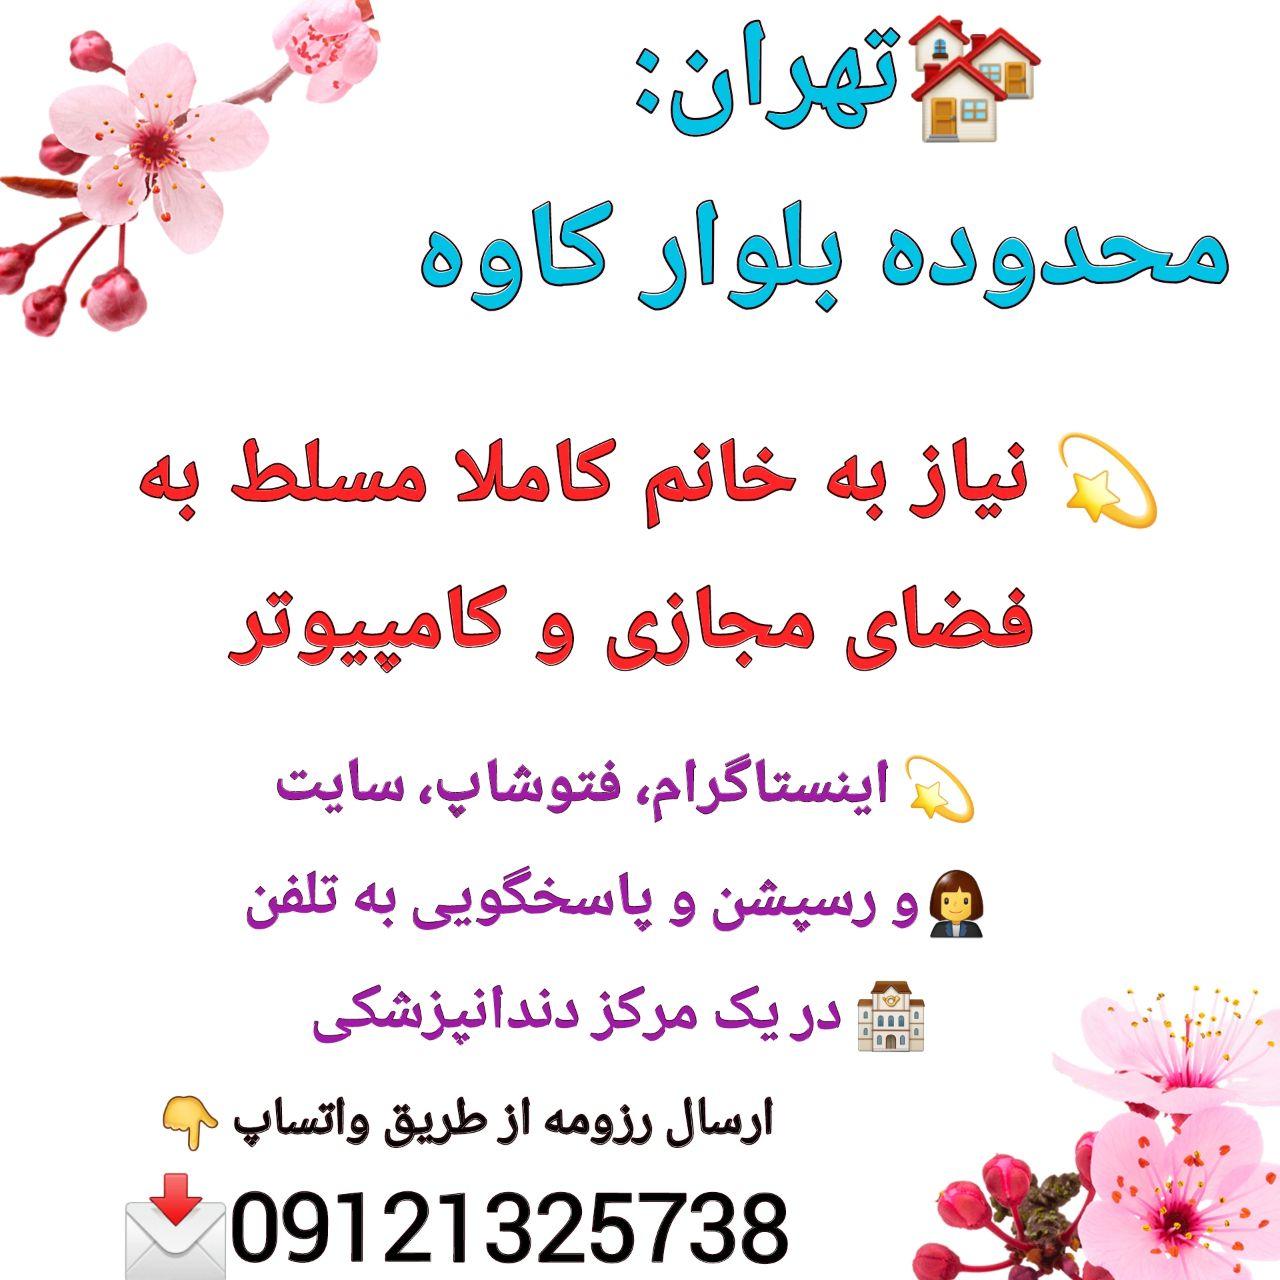 تهران: محدوده بلوار کاوه، نیاز به خانم کاملا مسلط به فضای مجازی و کامپیوتر